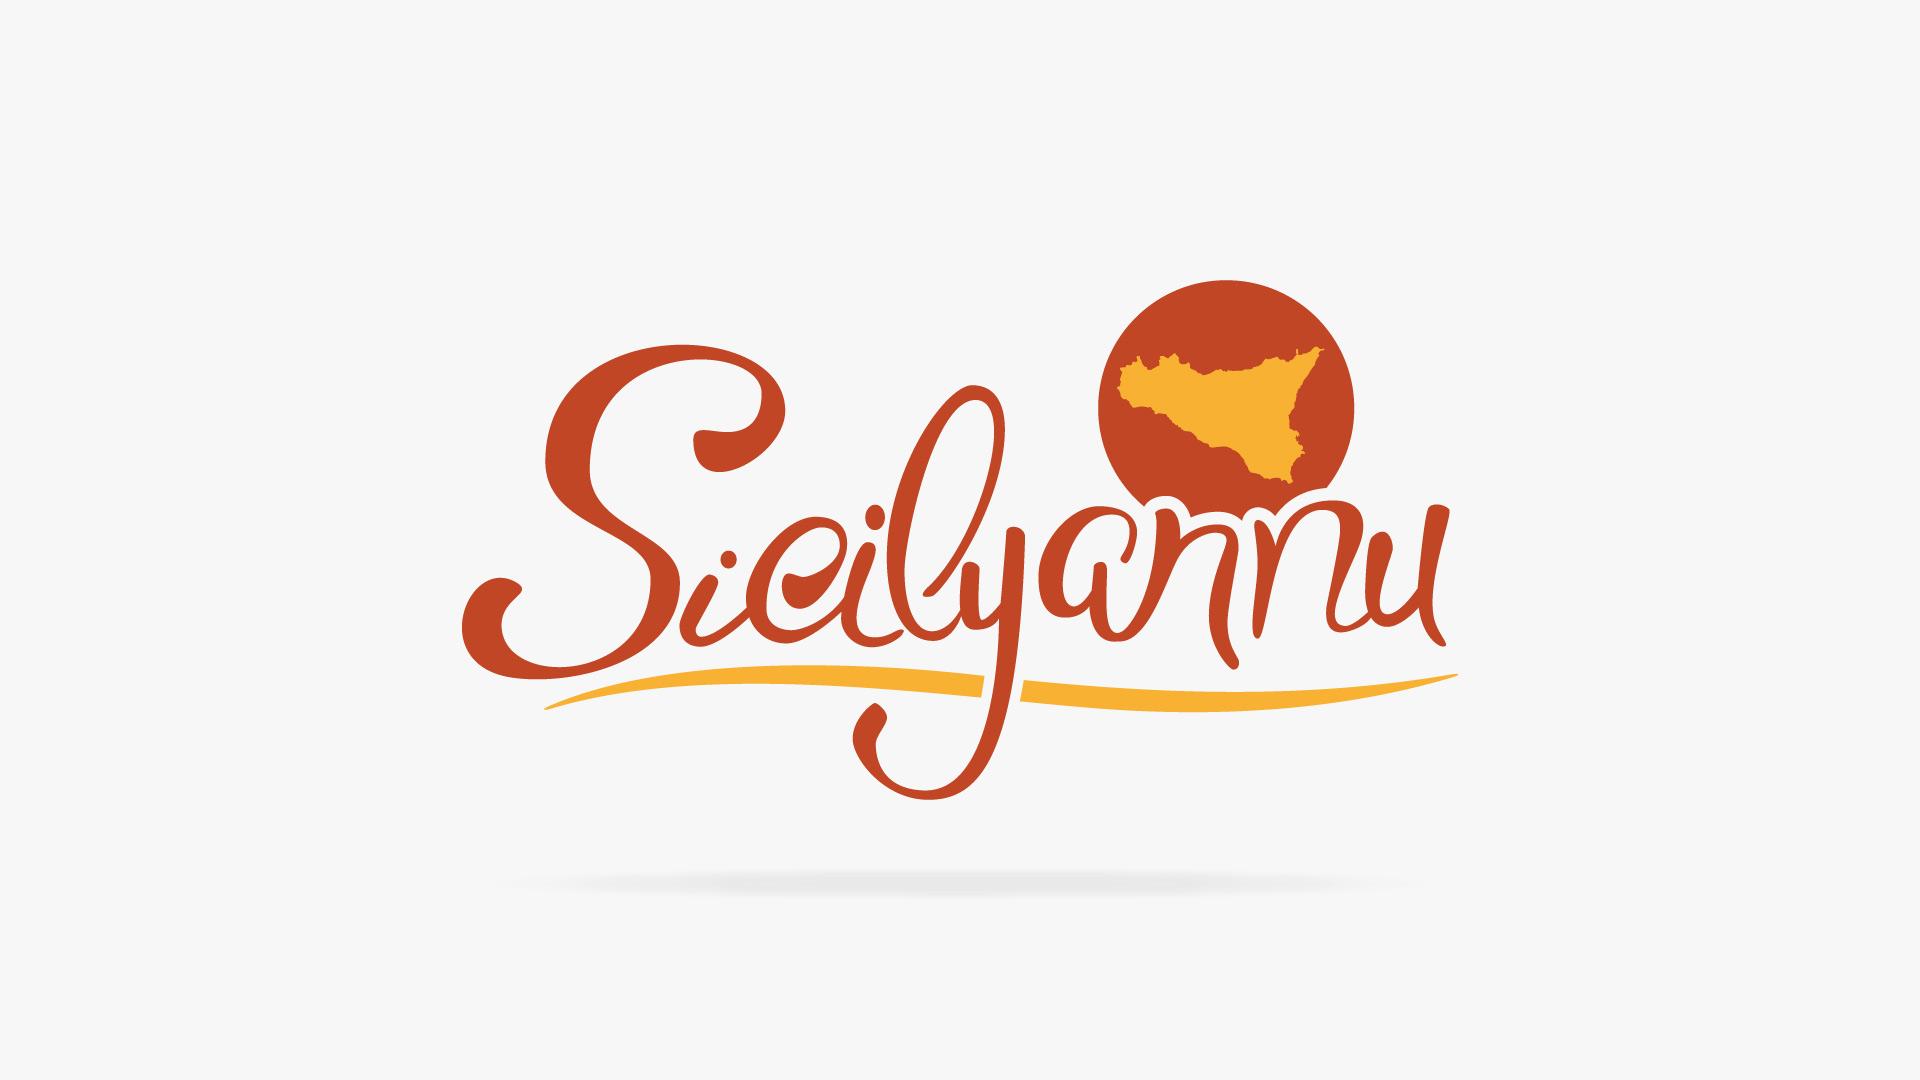 Sicilyannu_logo